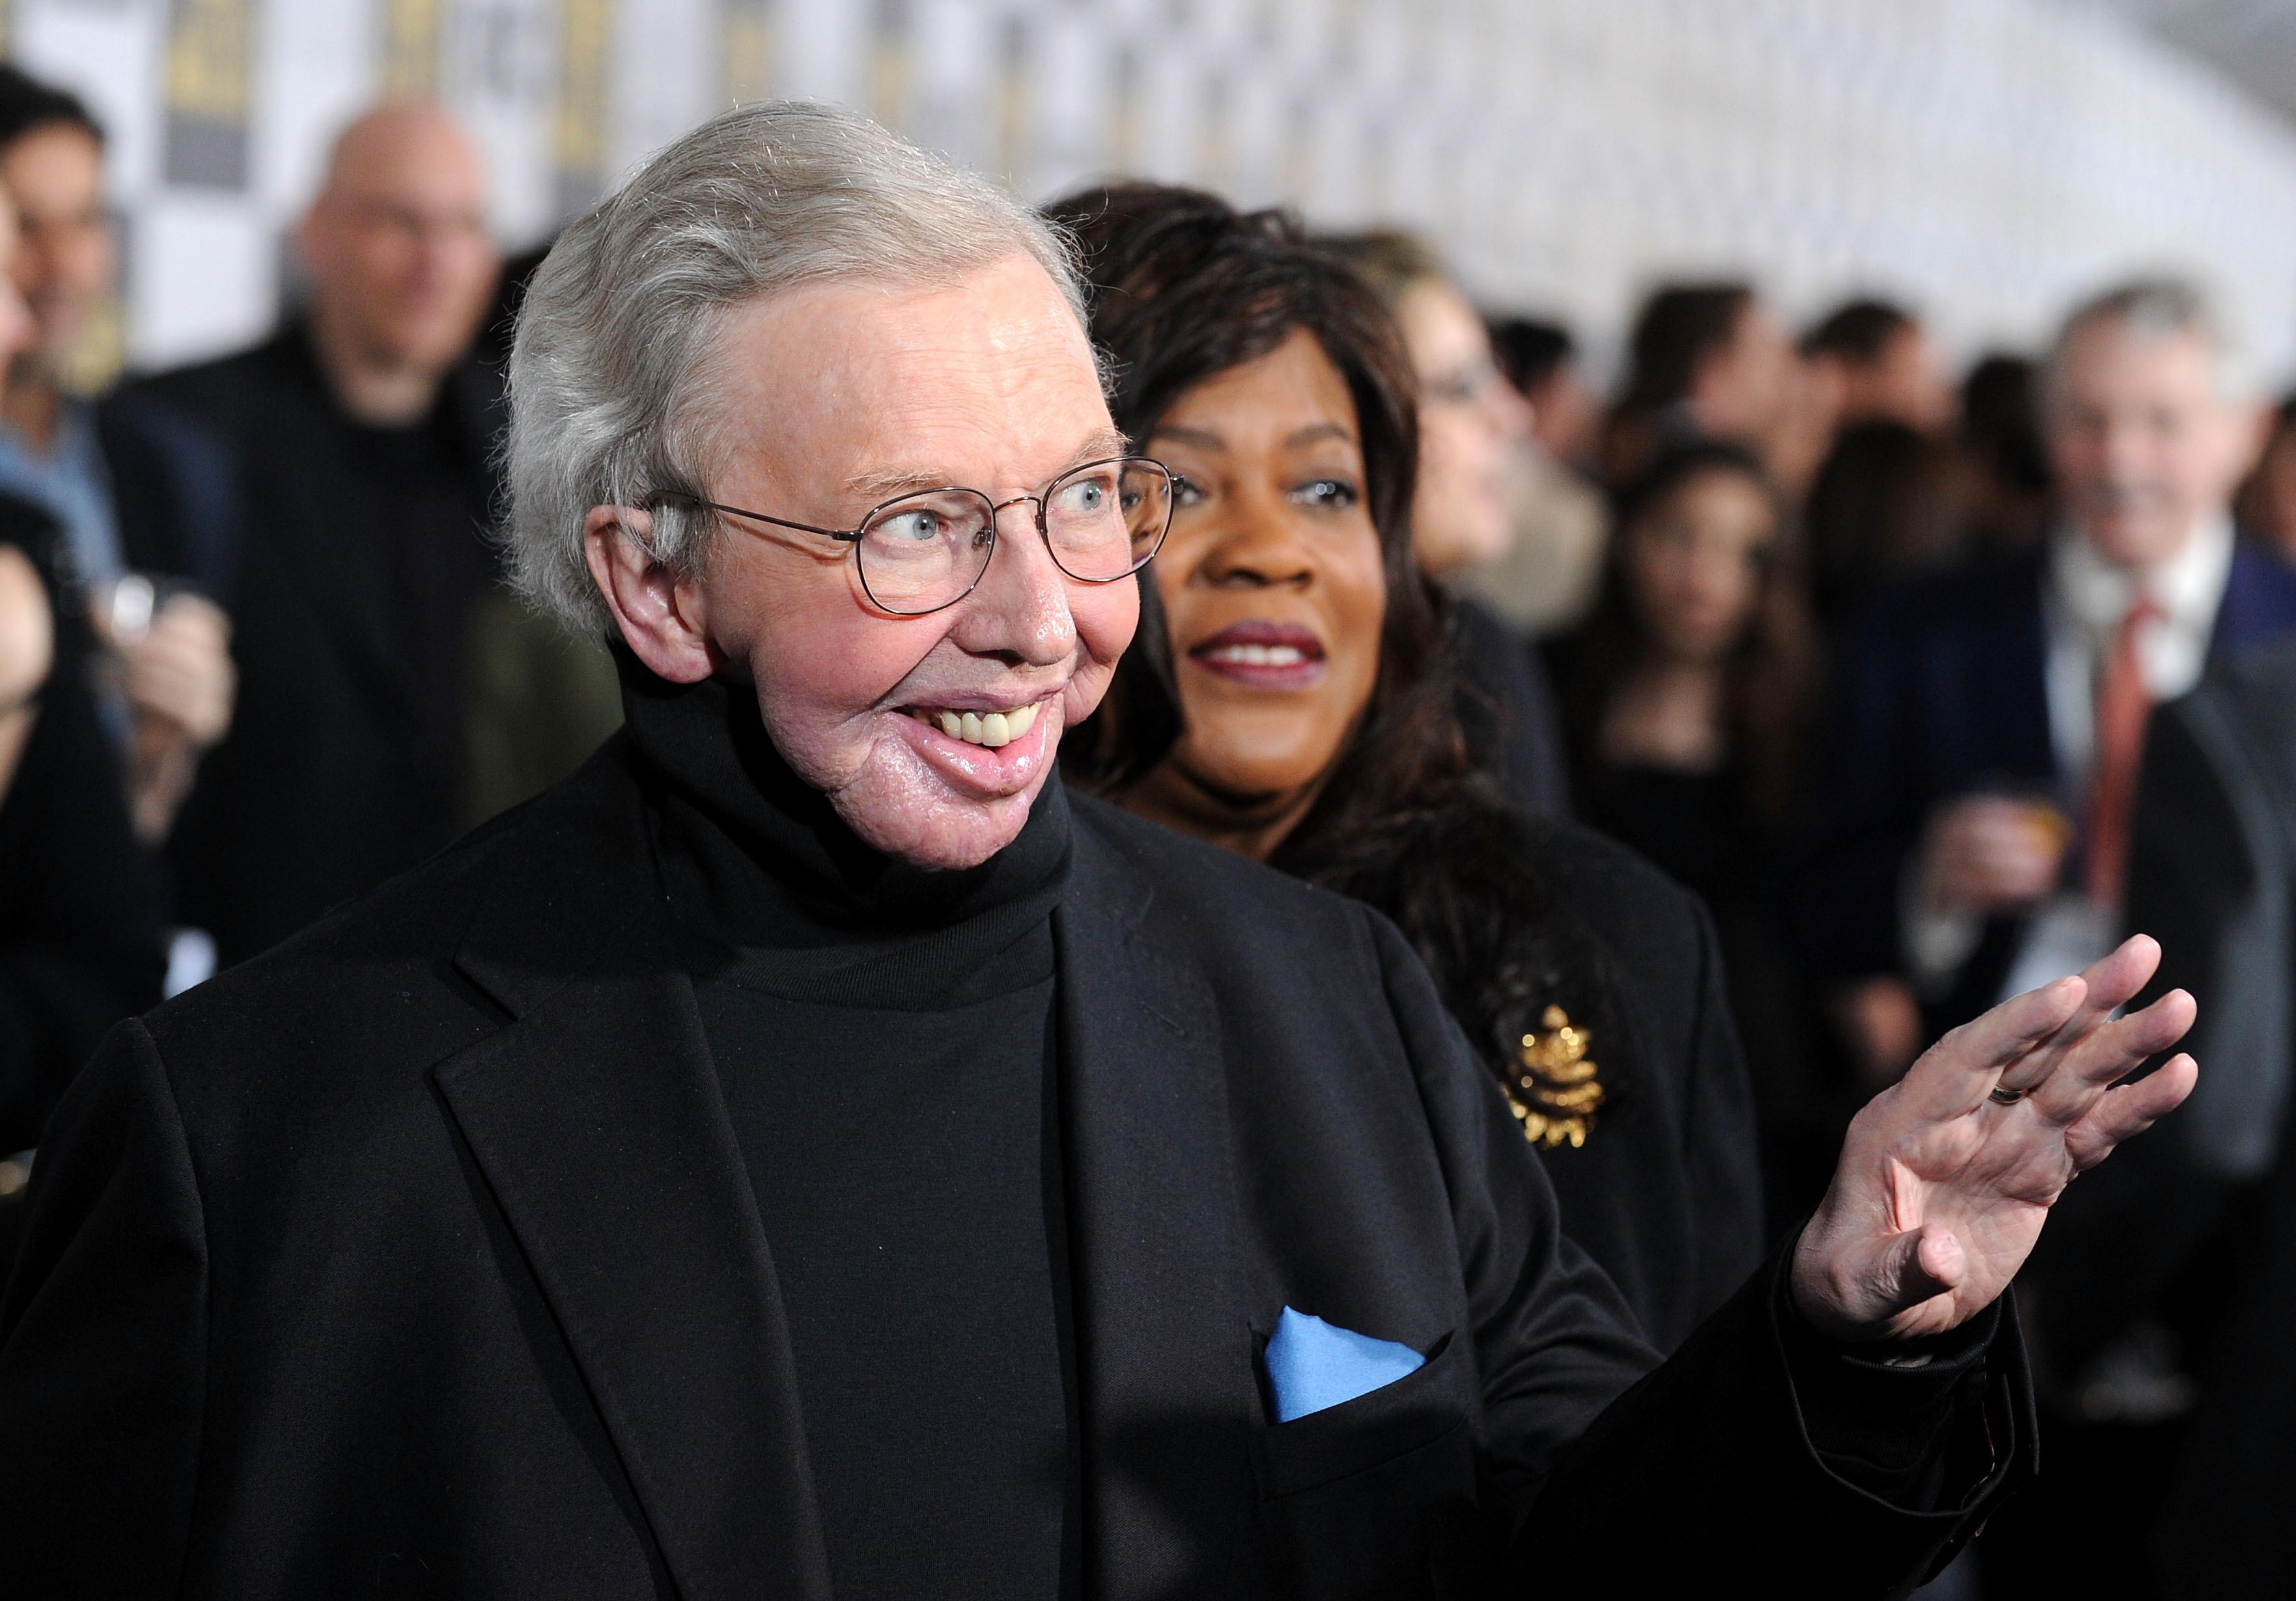 Roger Ebert, Legendary Film Critic, Dies